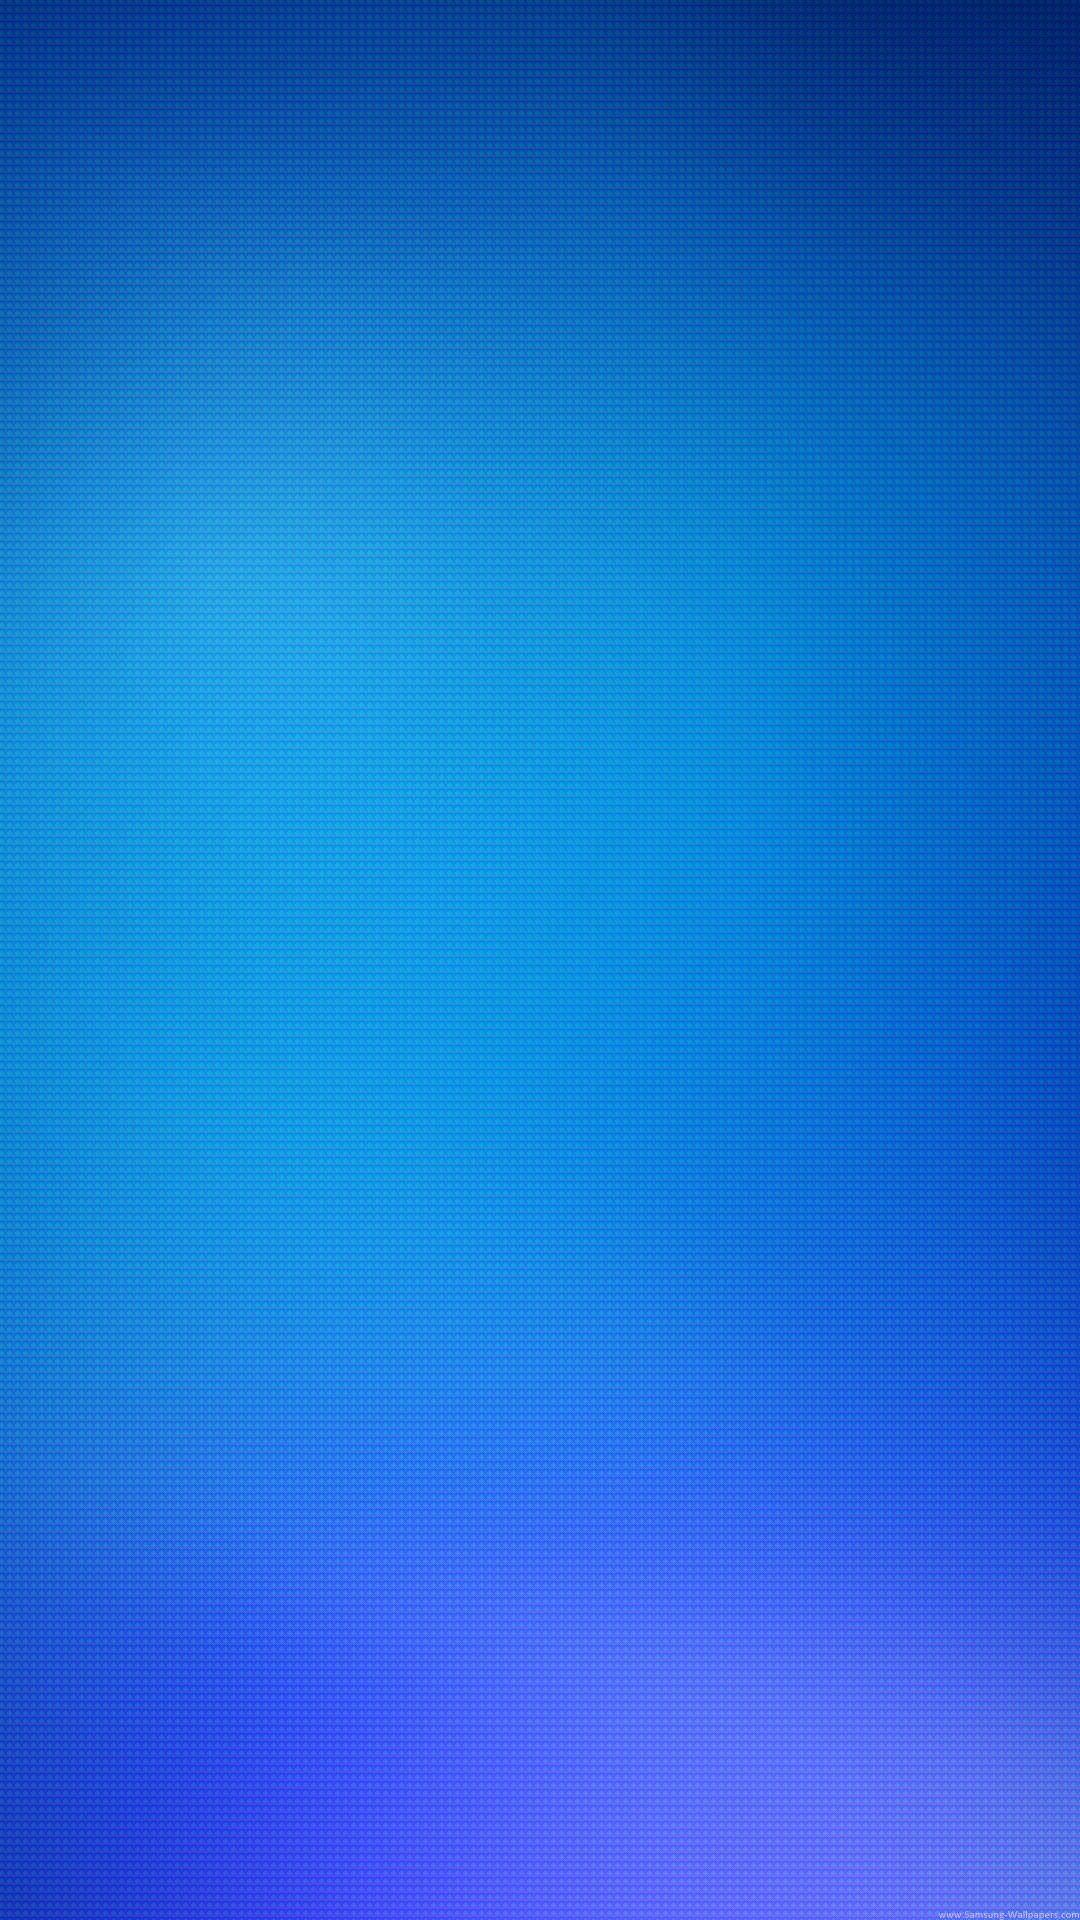 綺麗な青のグラデーション Iphone6 Plus壁紙 Papel De Parede Para